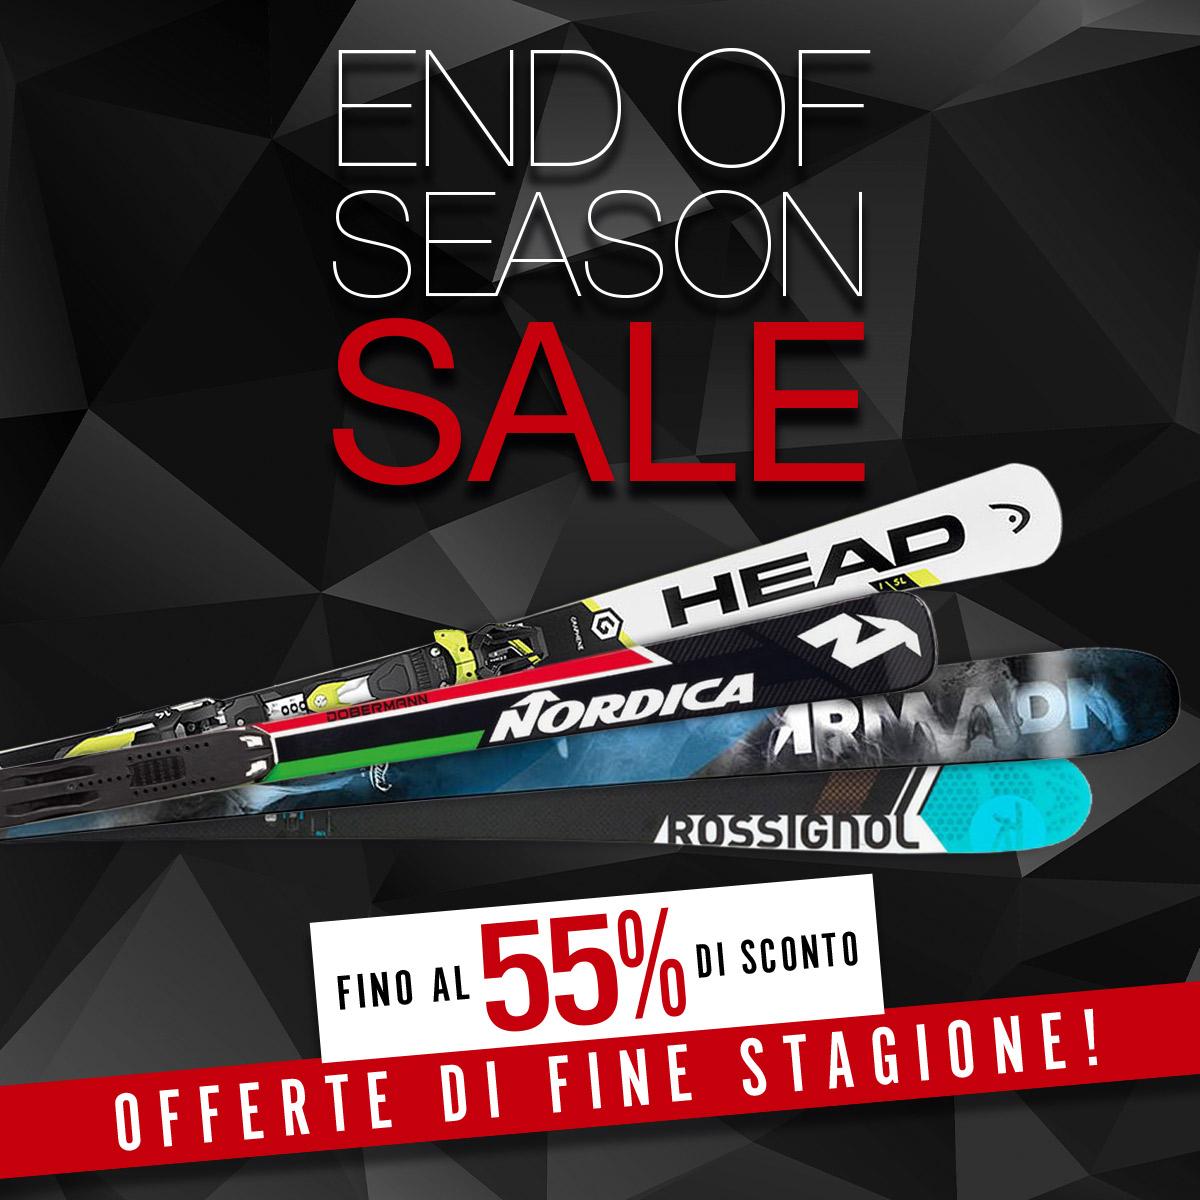 Offerte di fine stagione: fino al 55% di sconto sugli sci!